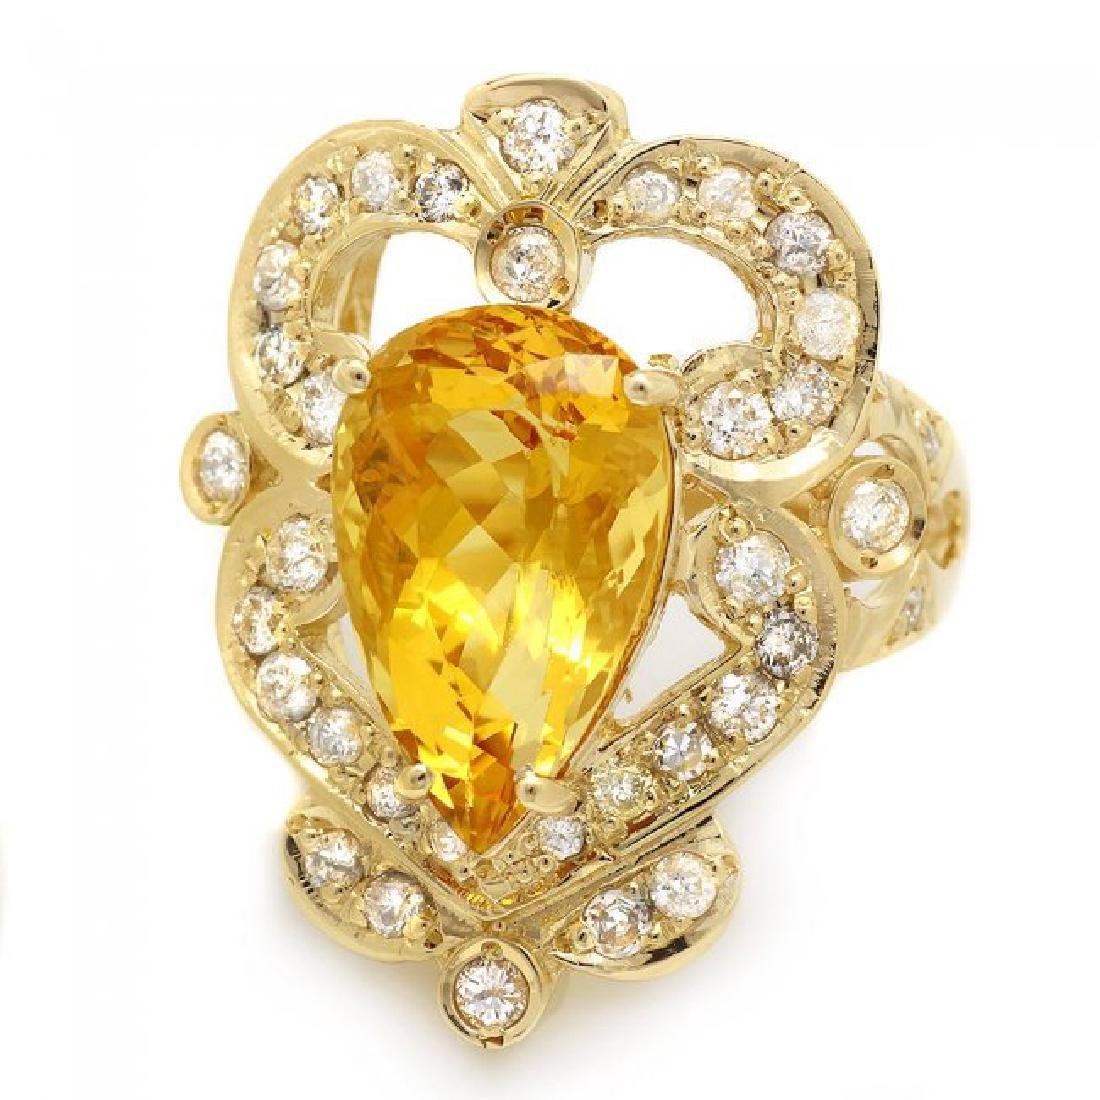 14k Yellow Gold 5.50ct Beryl 1.15ct Diamond Ring - 2